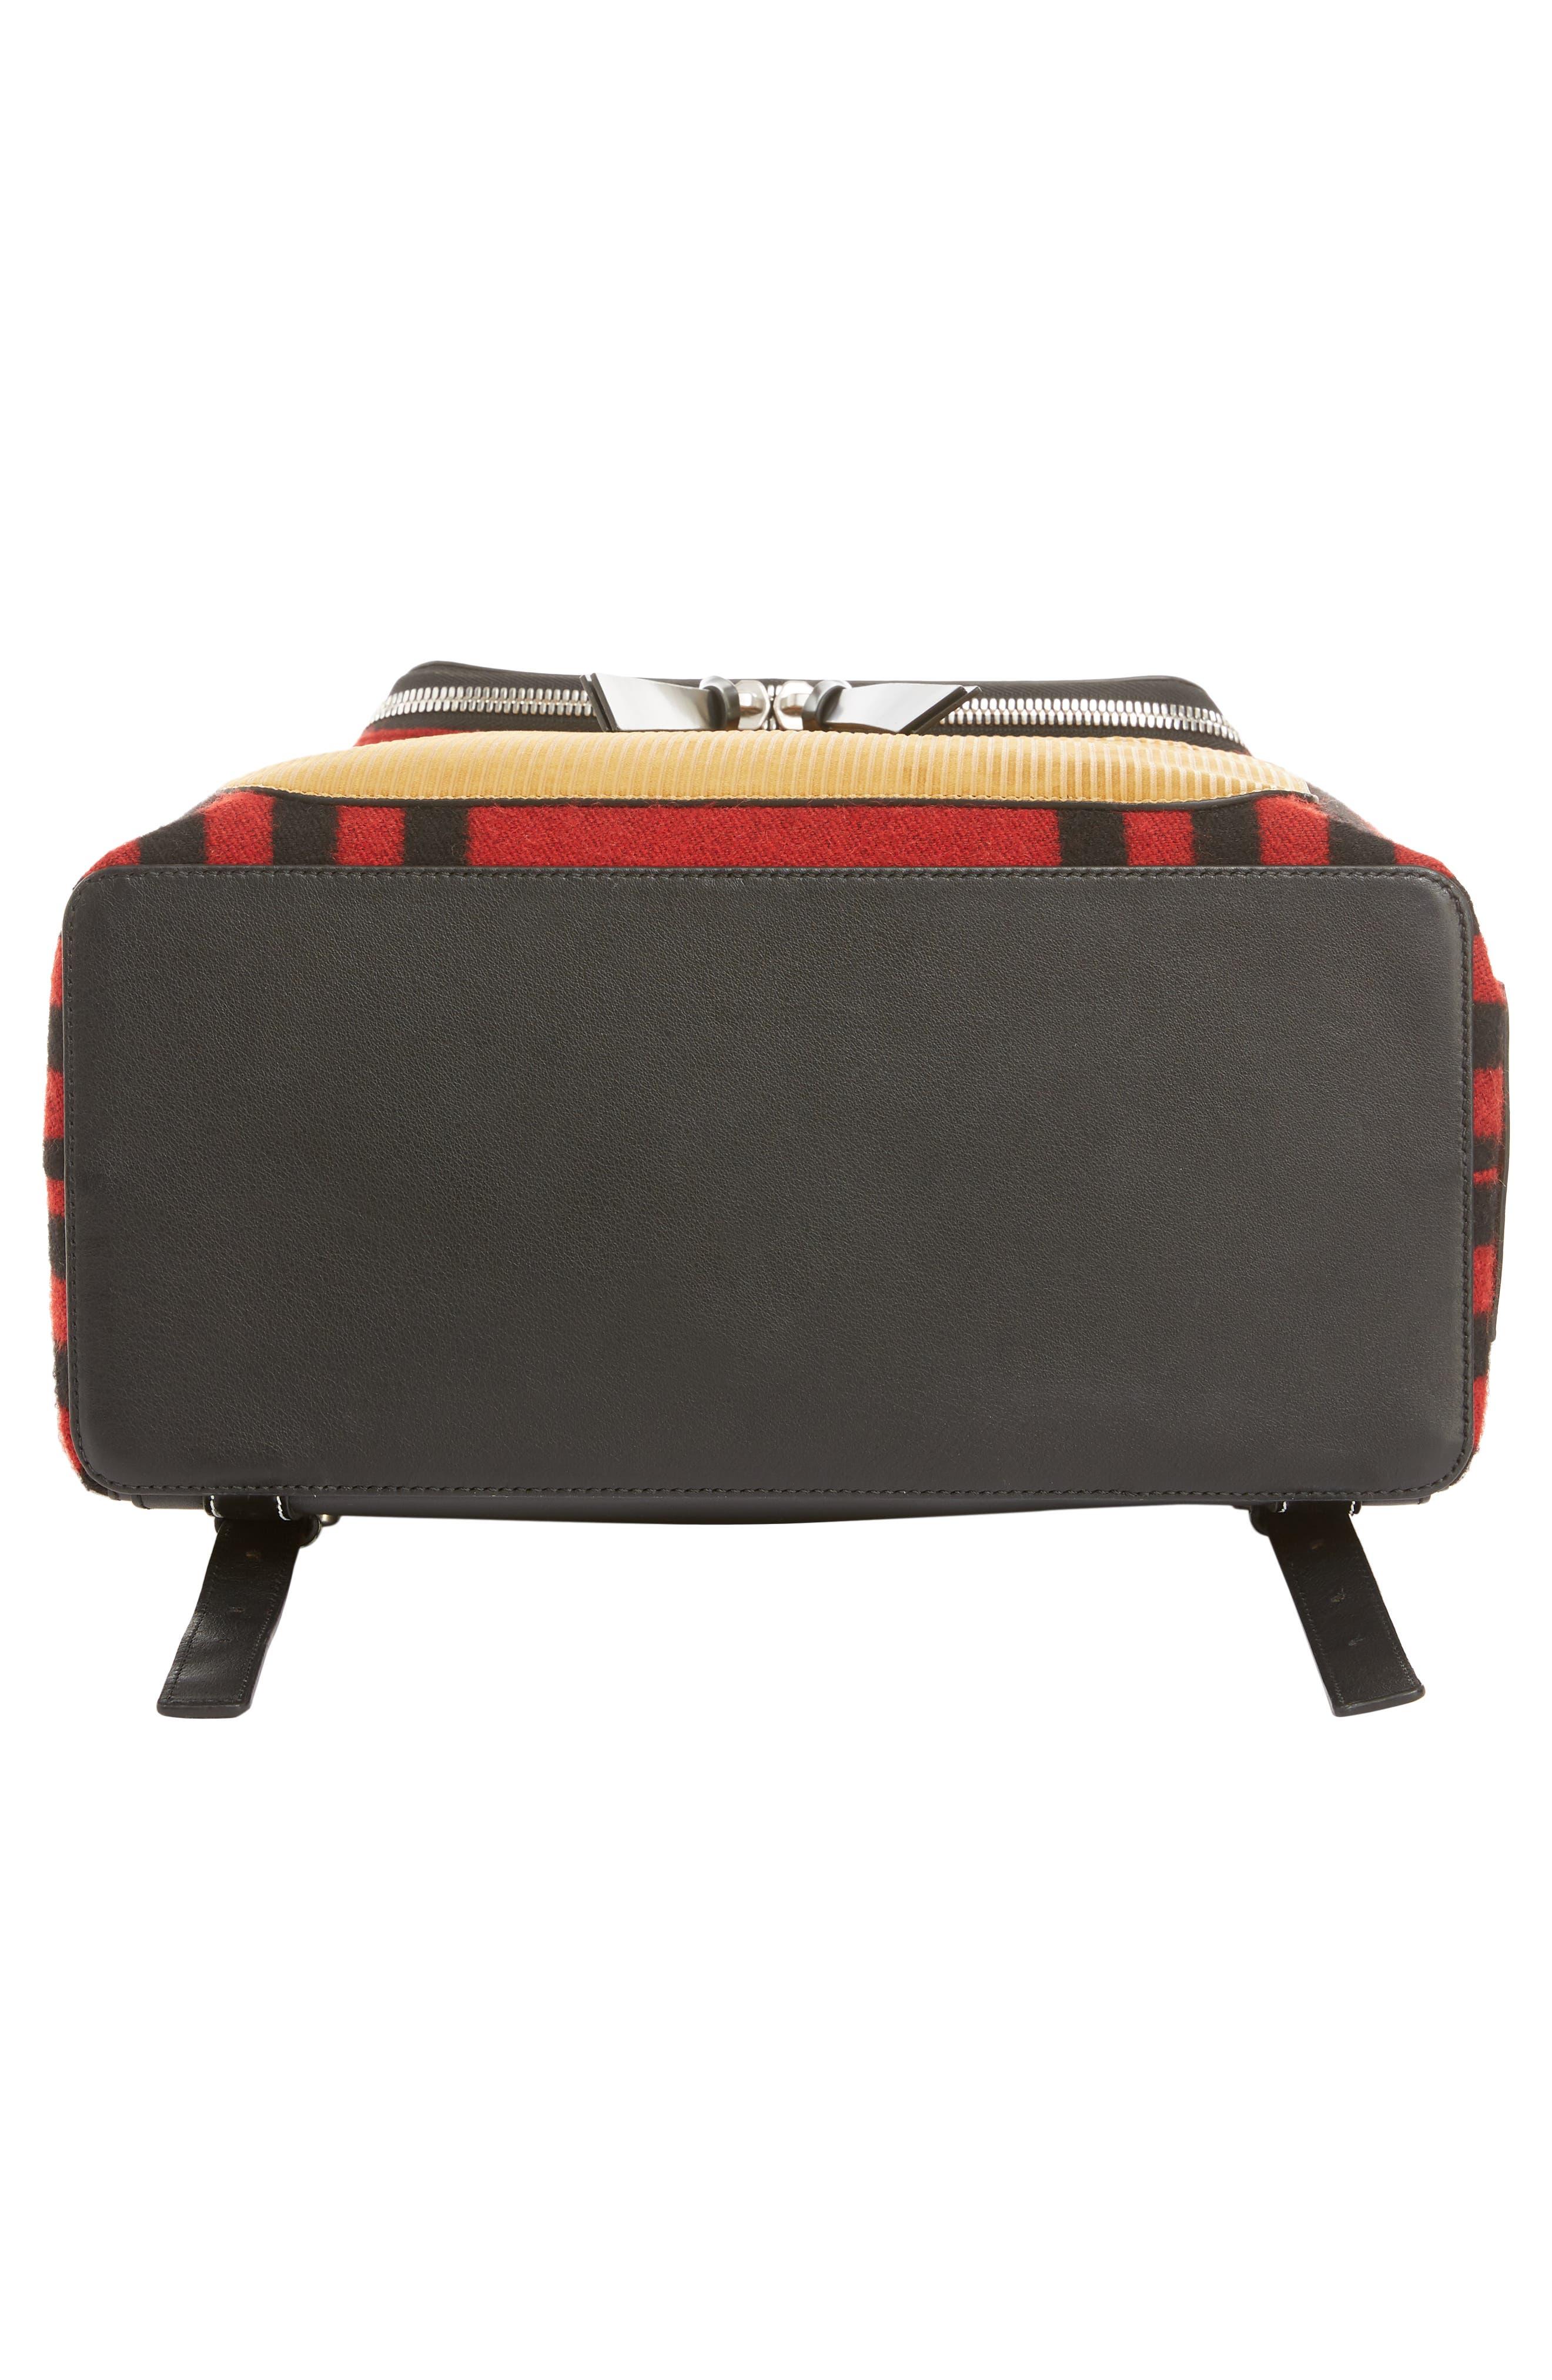 LOEWE, Goya Grid Backpack, Alternate thumbnail 5, color, SCARLET RED/BLACK